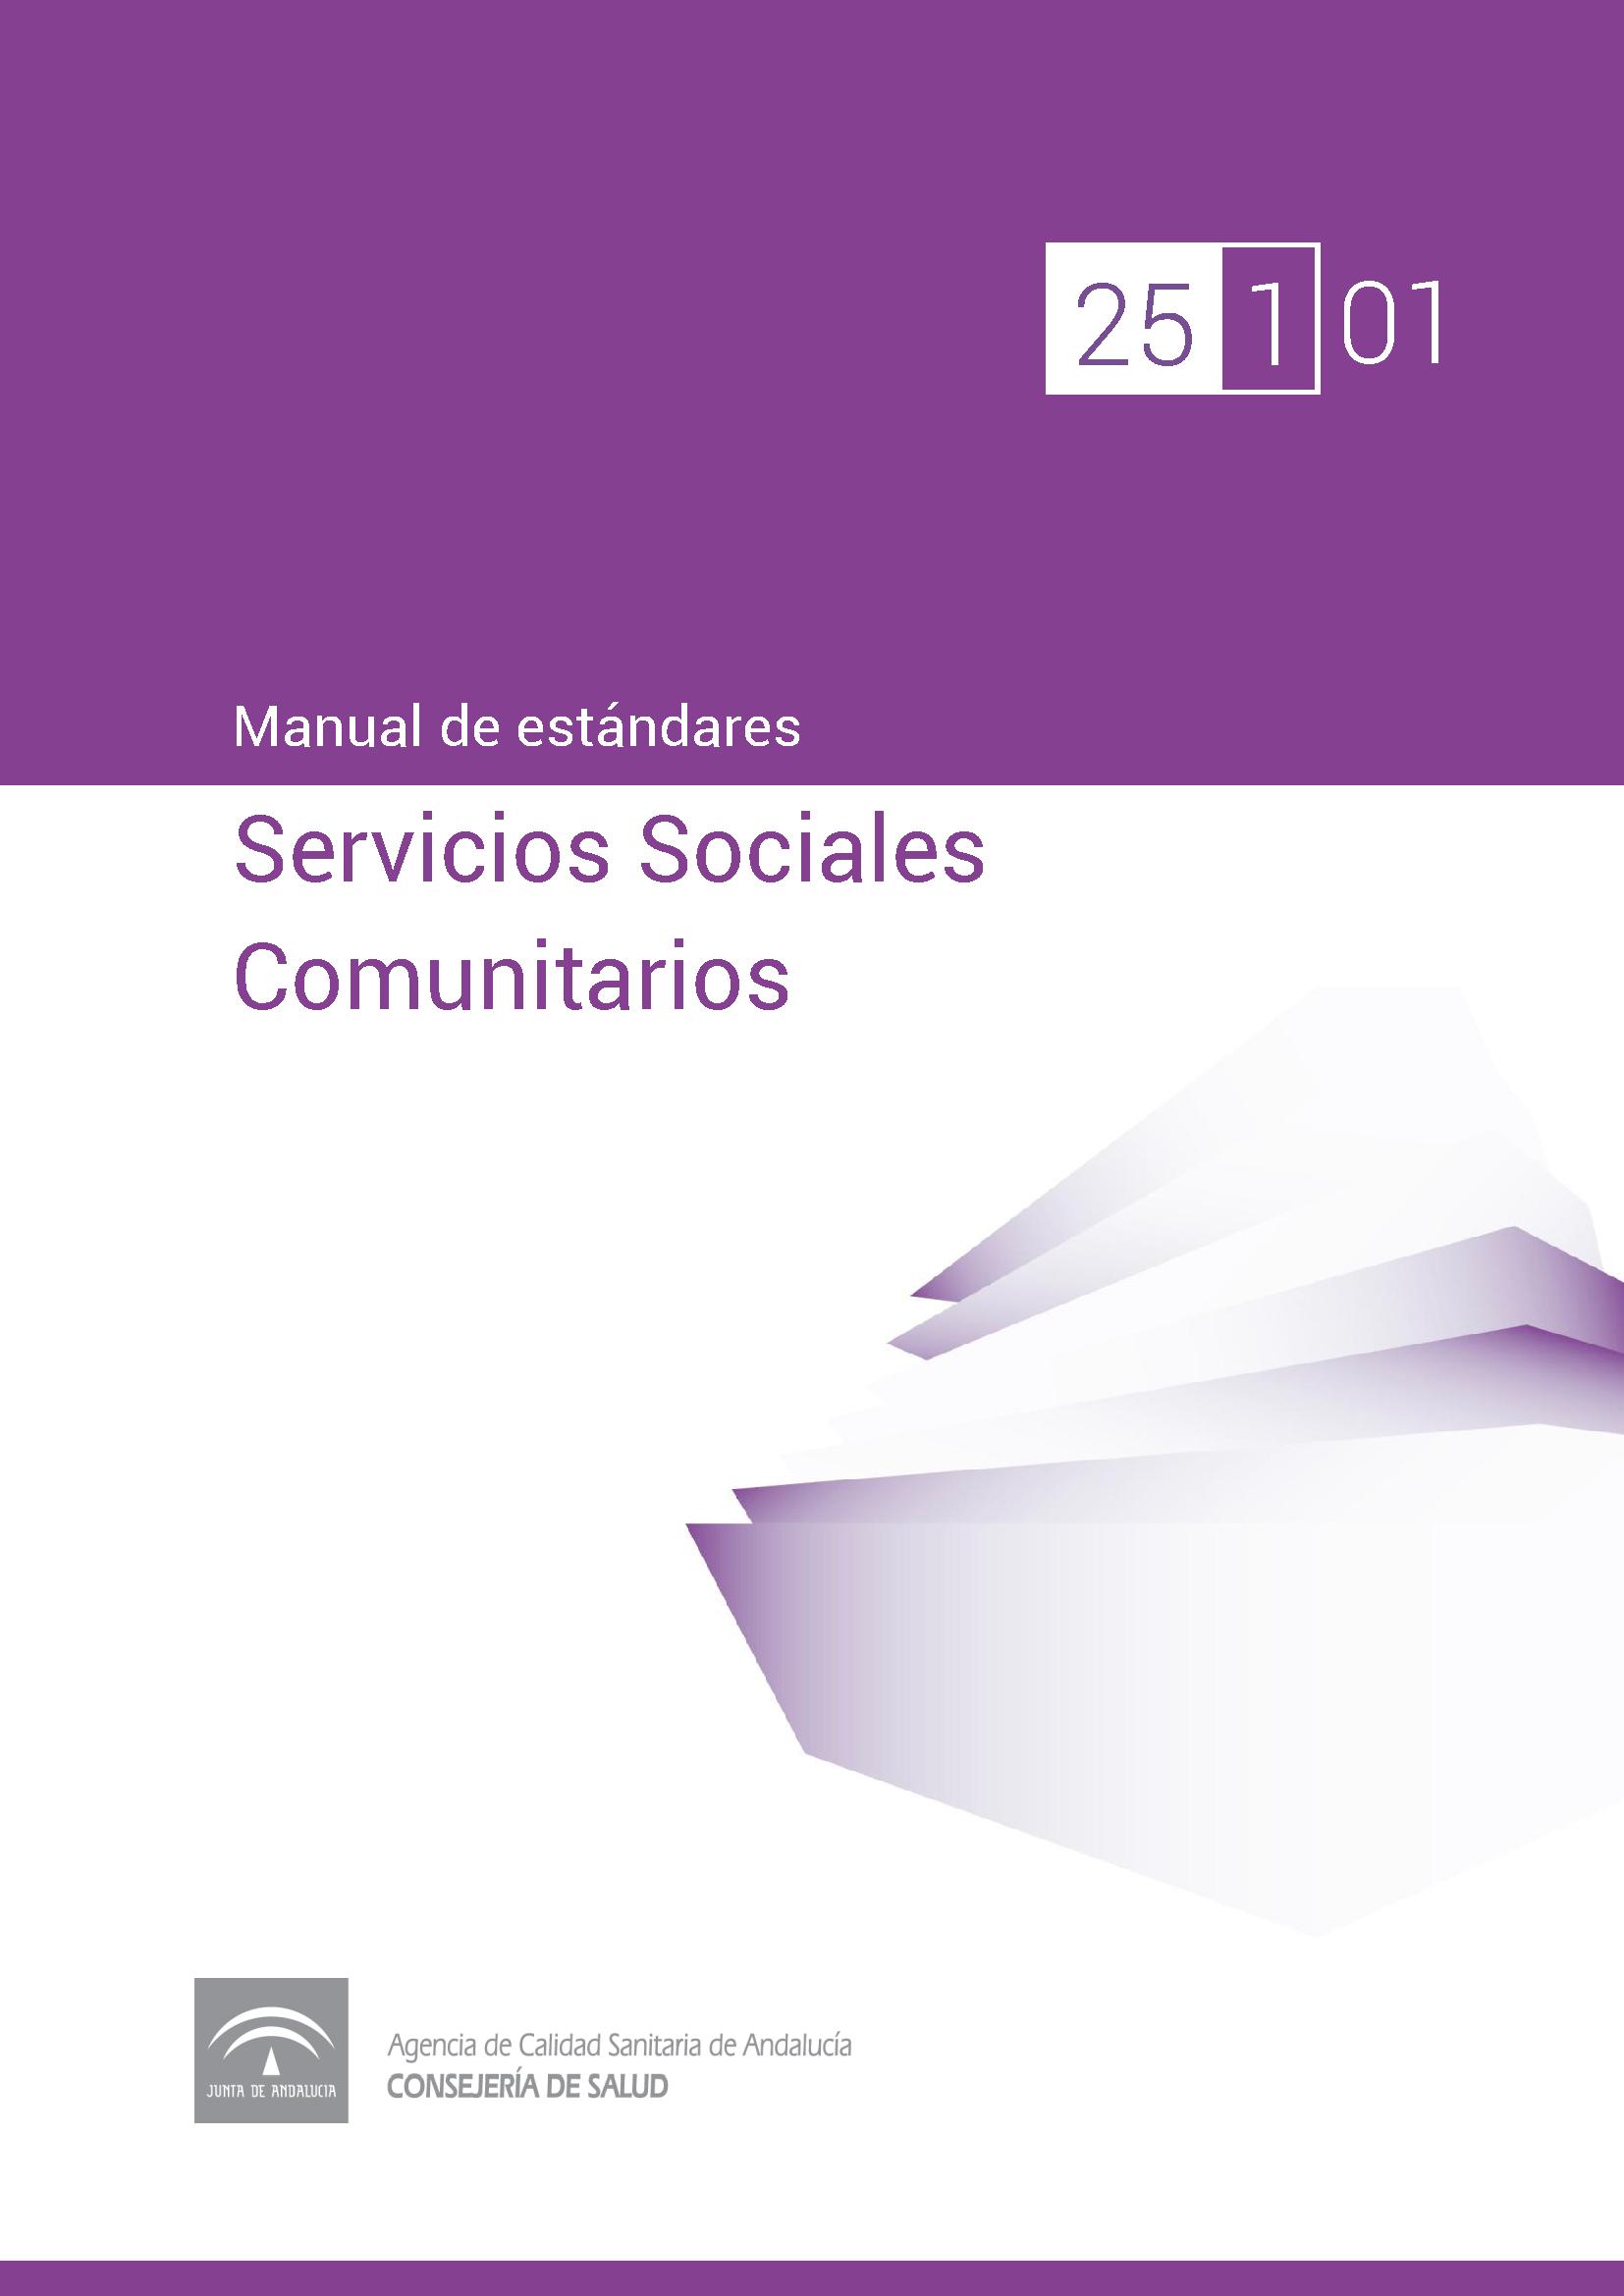 Programa de certificación de Servicios sociales comunitarios